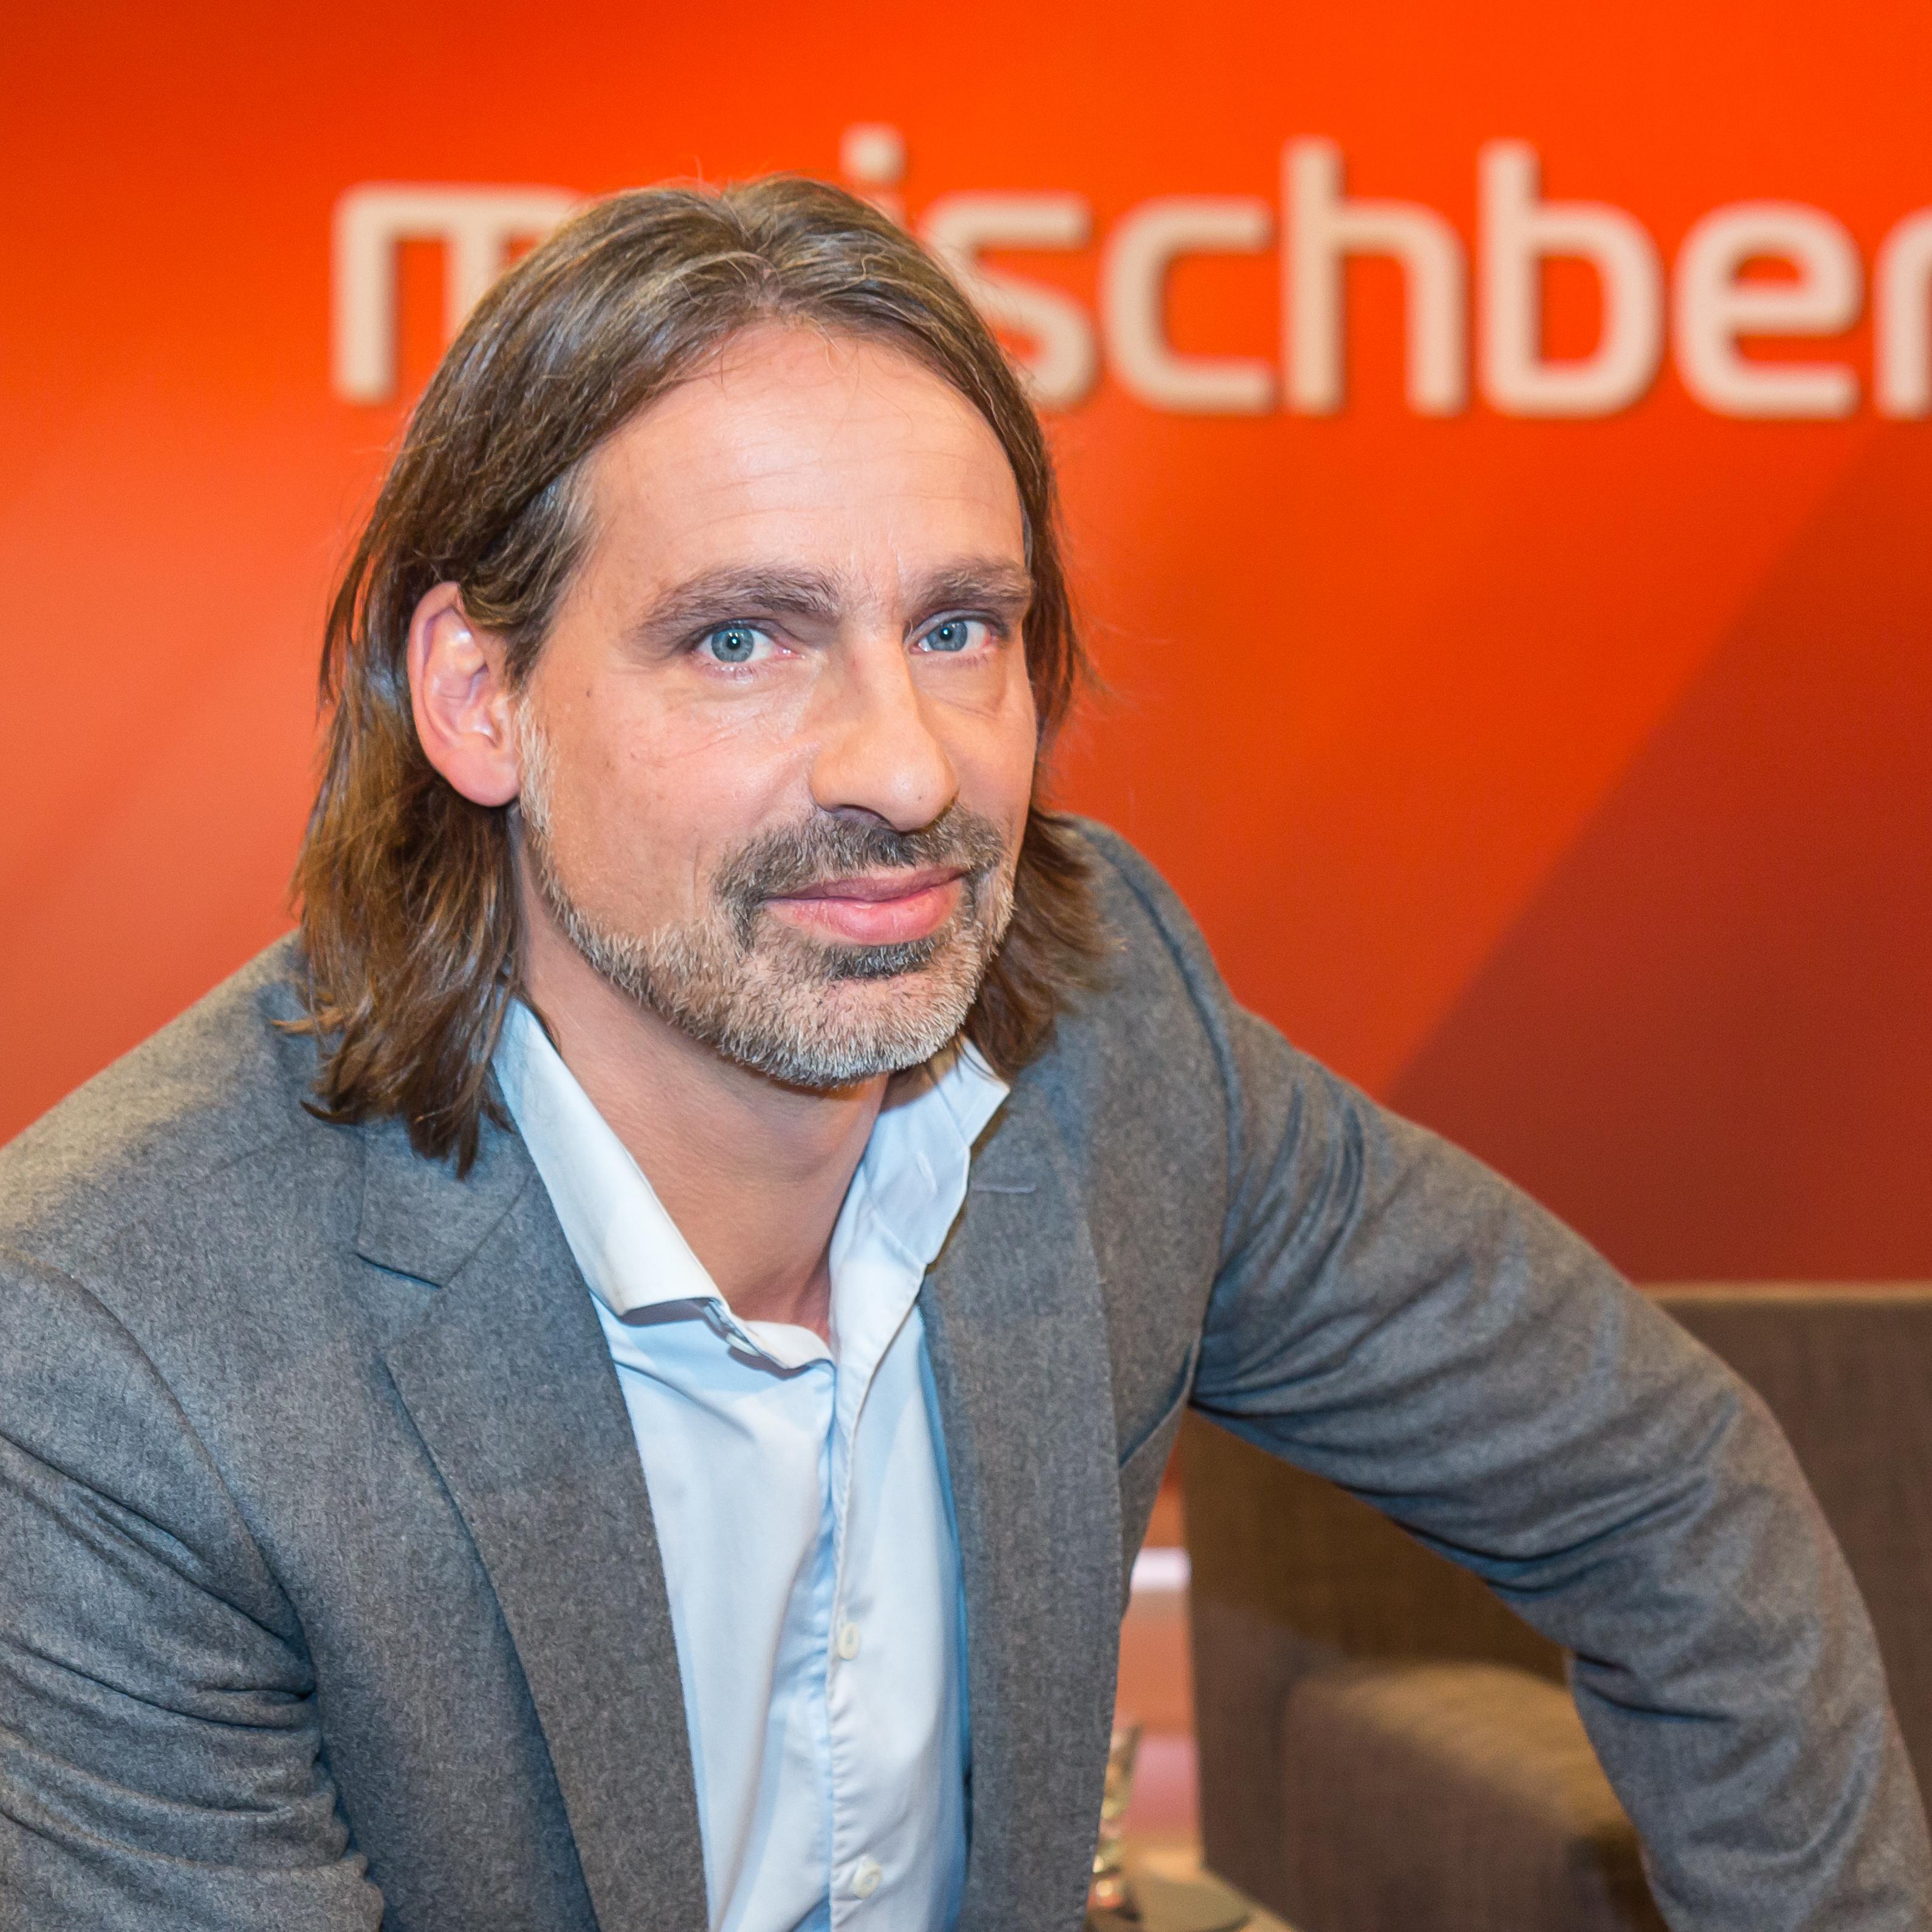 Precht in 2016 at the talk show [[maischberger]]